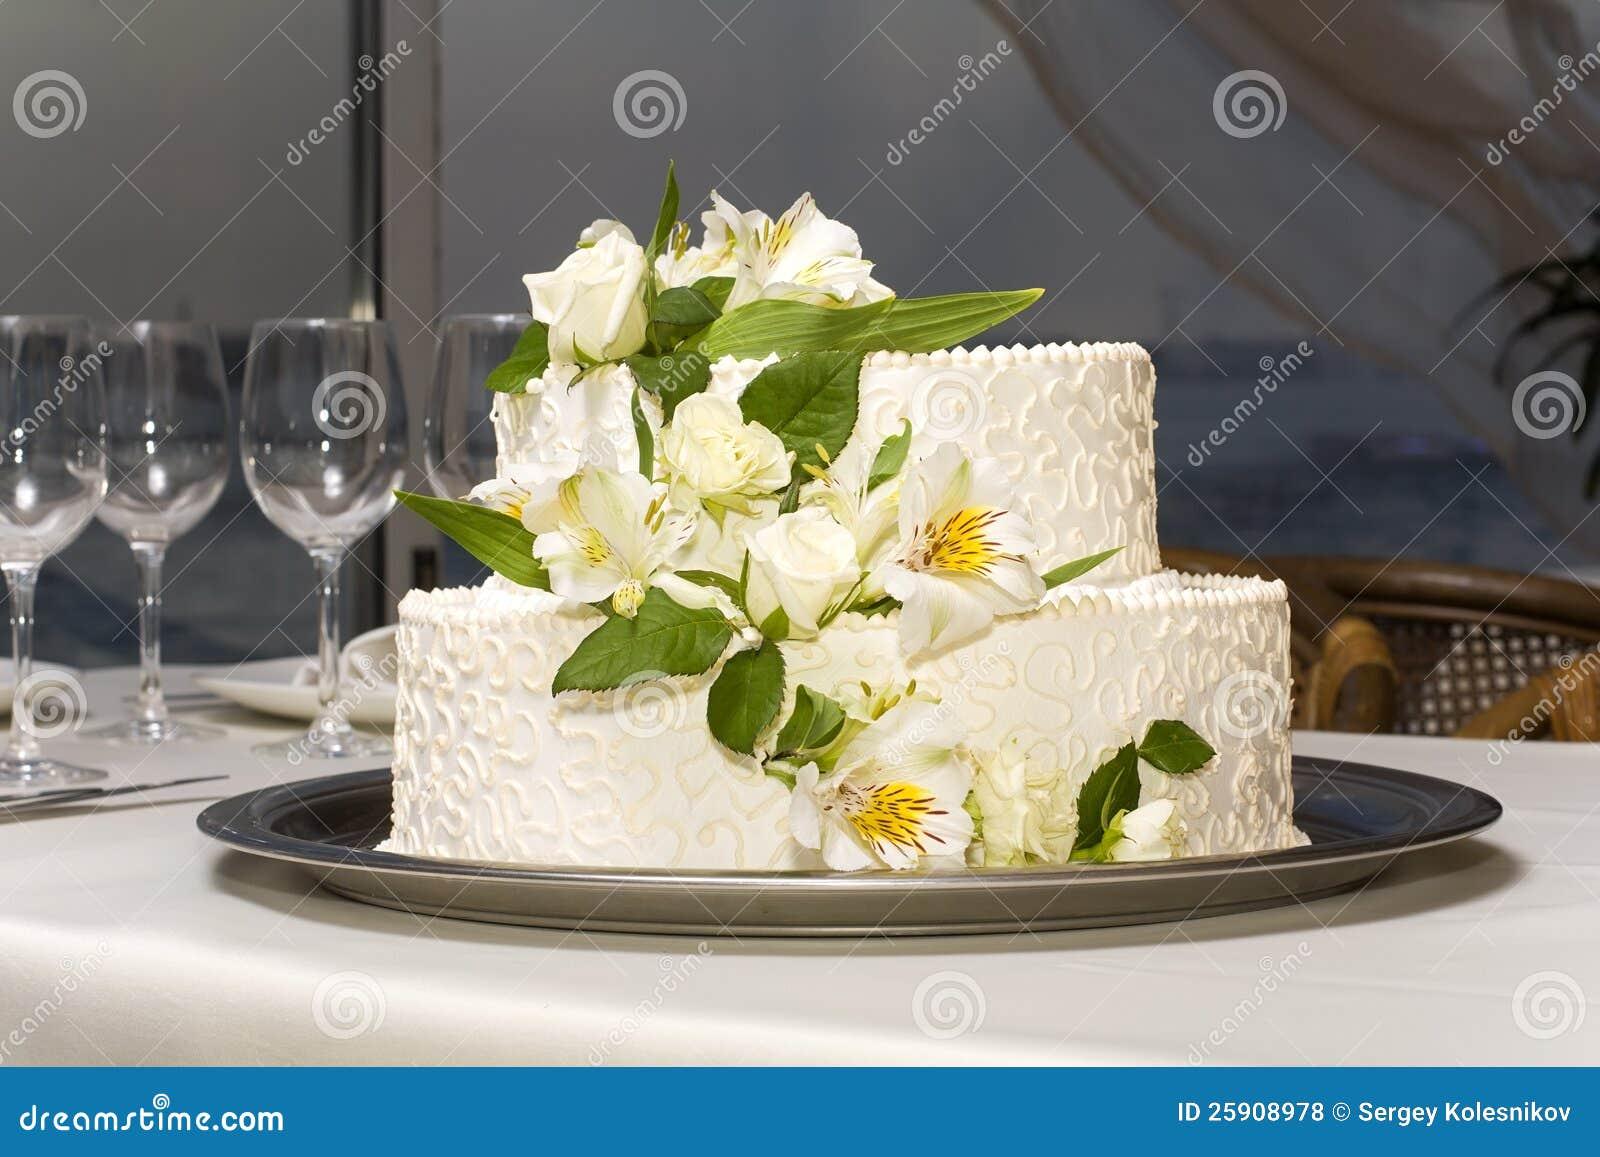 Gâteau De Mariage Blanc Photos libres de droits - Image: 25908978